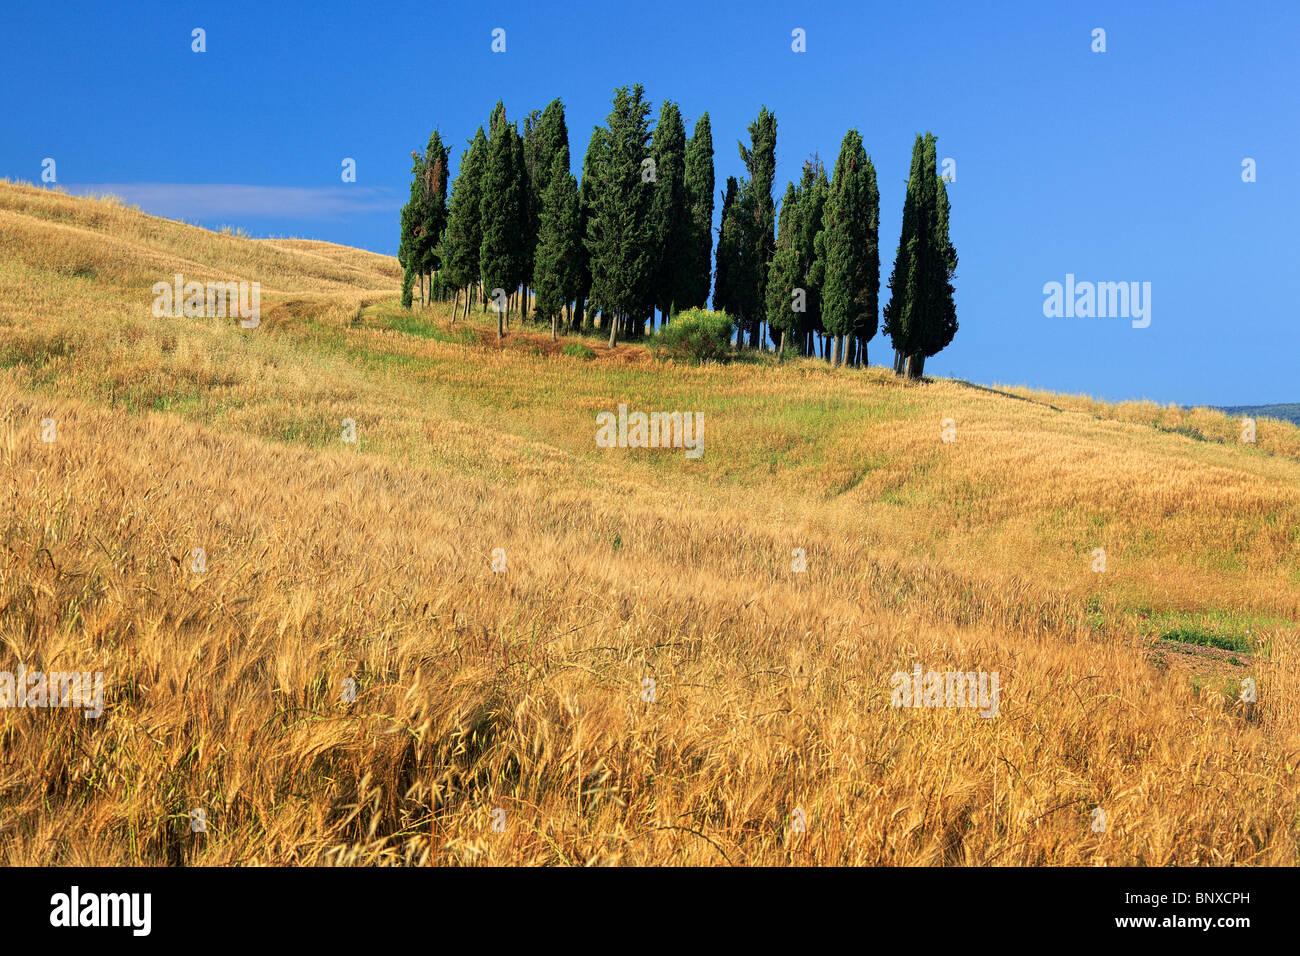 Berühmte toskanischen Zypressen in der Nähe von der Stadt von San Quirico d ' Orcia, Italien Stockbild